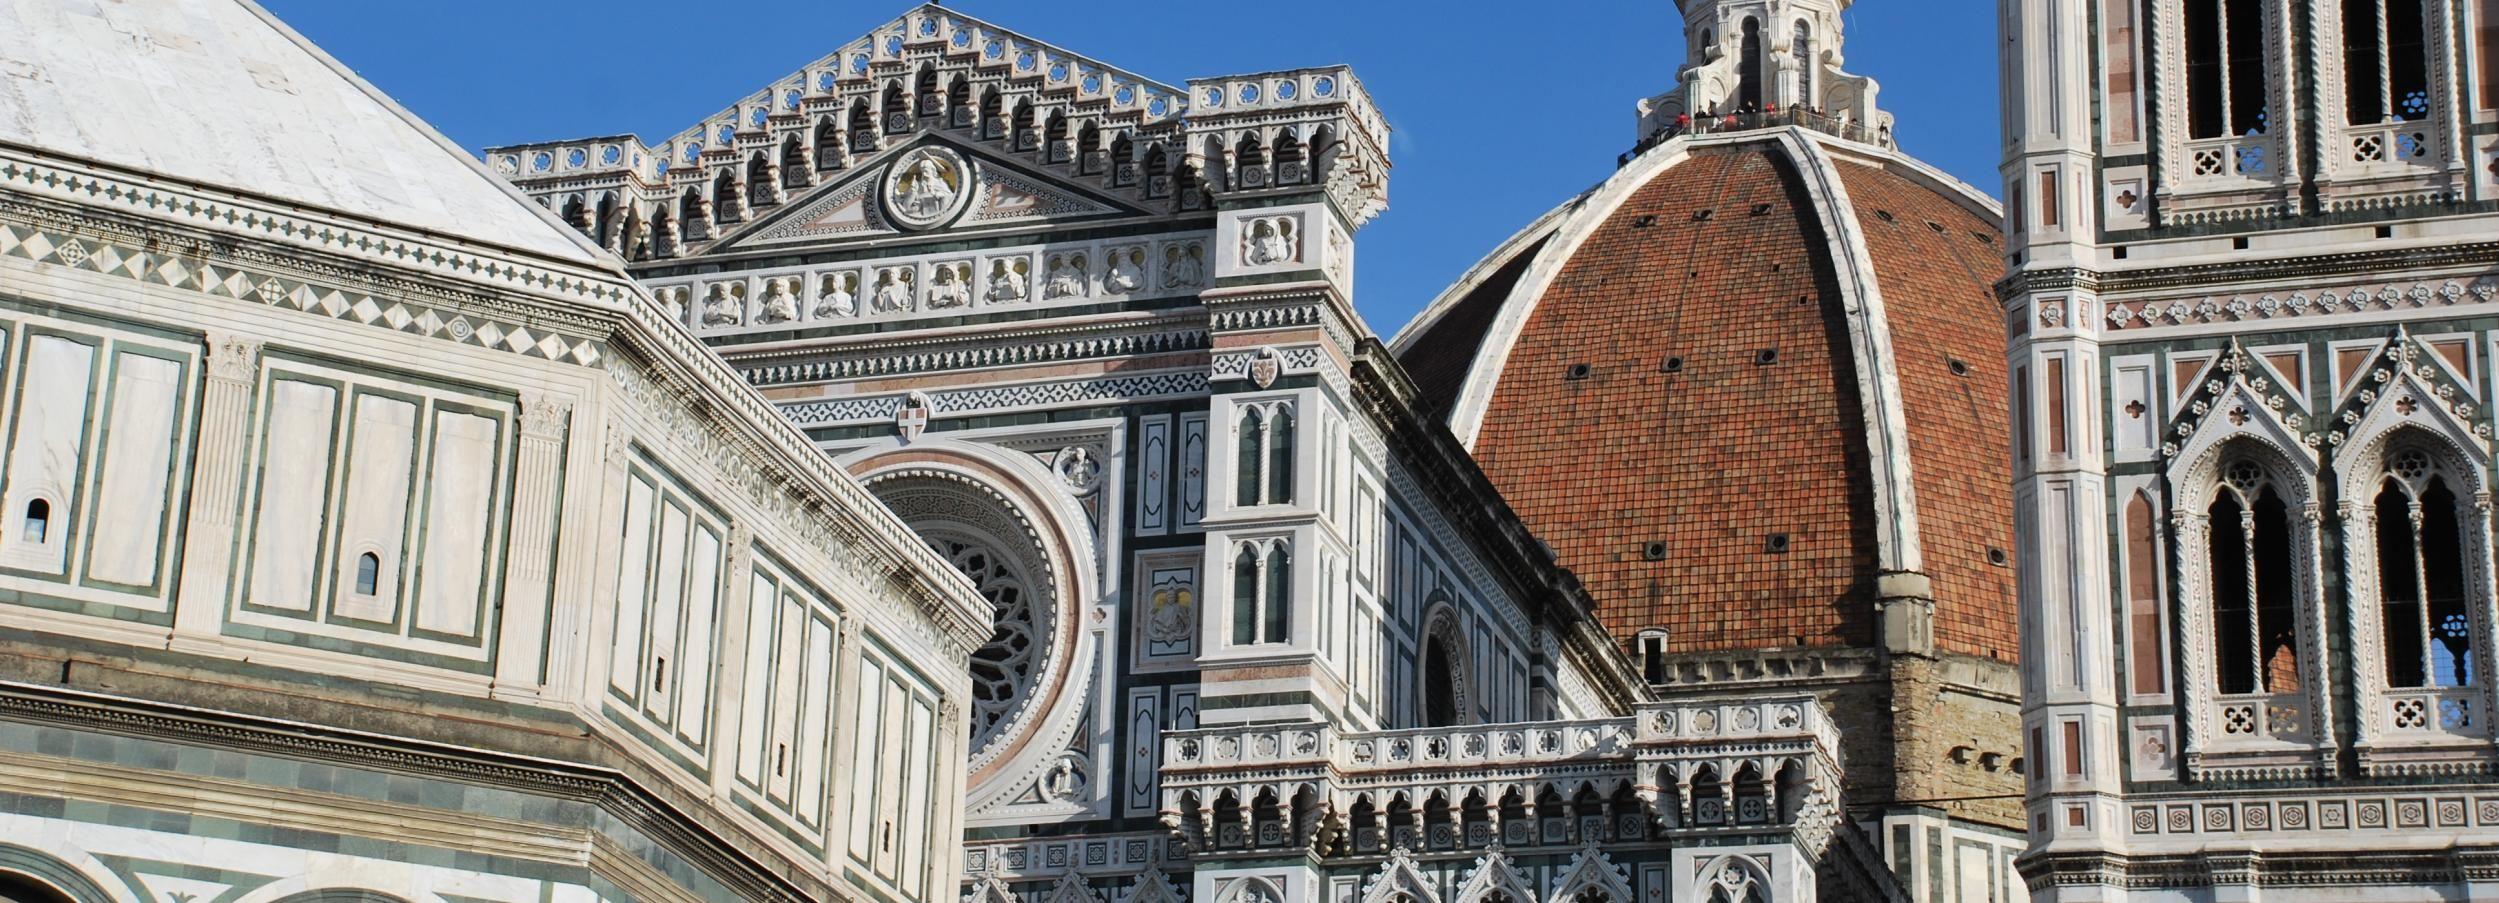 Firenze: tour di 2 ore del Duomo